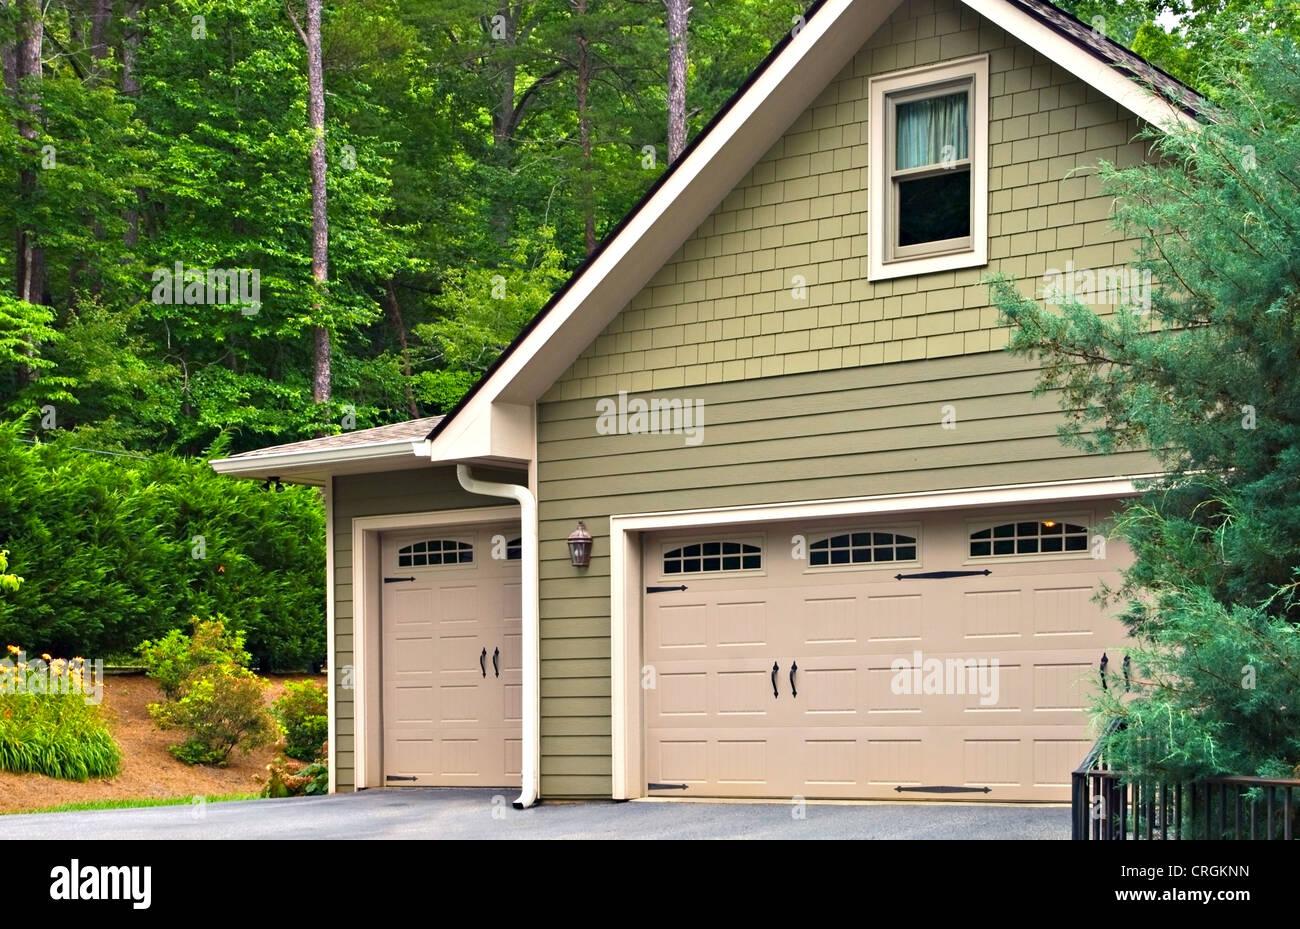 Le porte del garage su una casa moderna. Doppie porte con Windows su un lato e un off-set singolo accanto ad esso. Immagini Stock